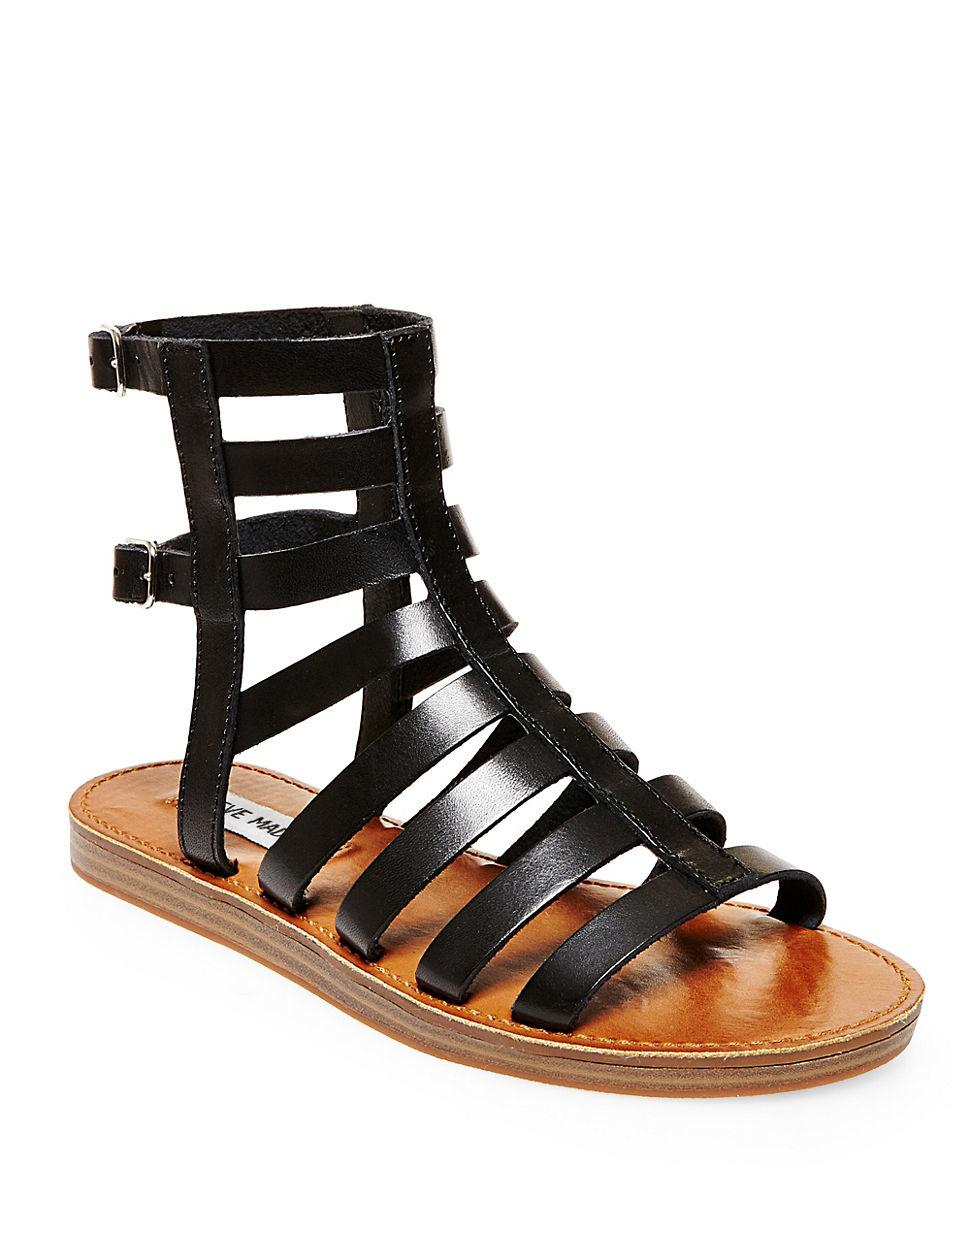 steve madden beeast gladiator sandals in black lyst. Black Bedroom Furniture Sets. Home Design Ideas